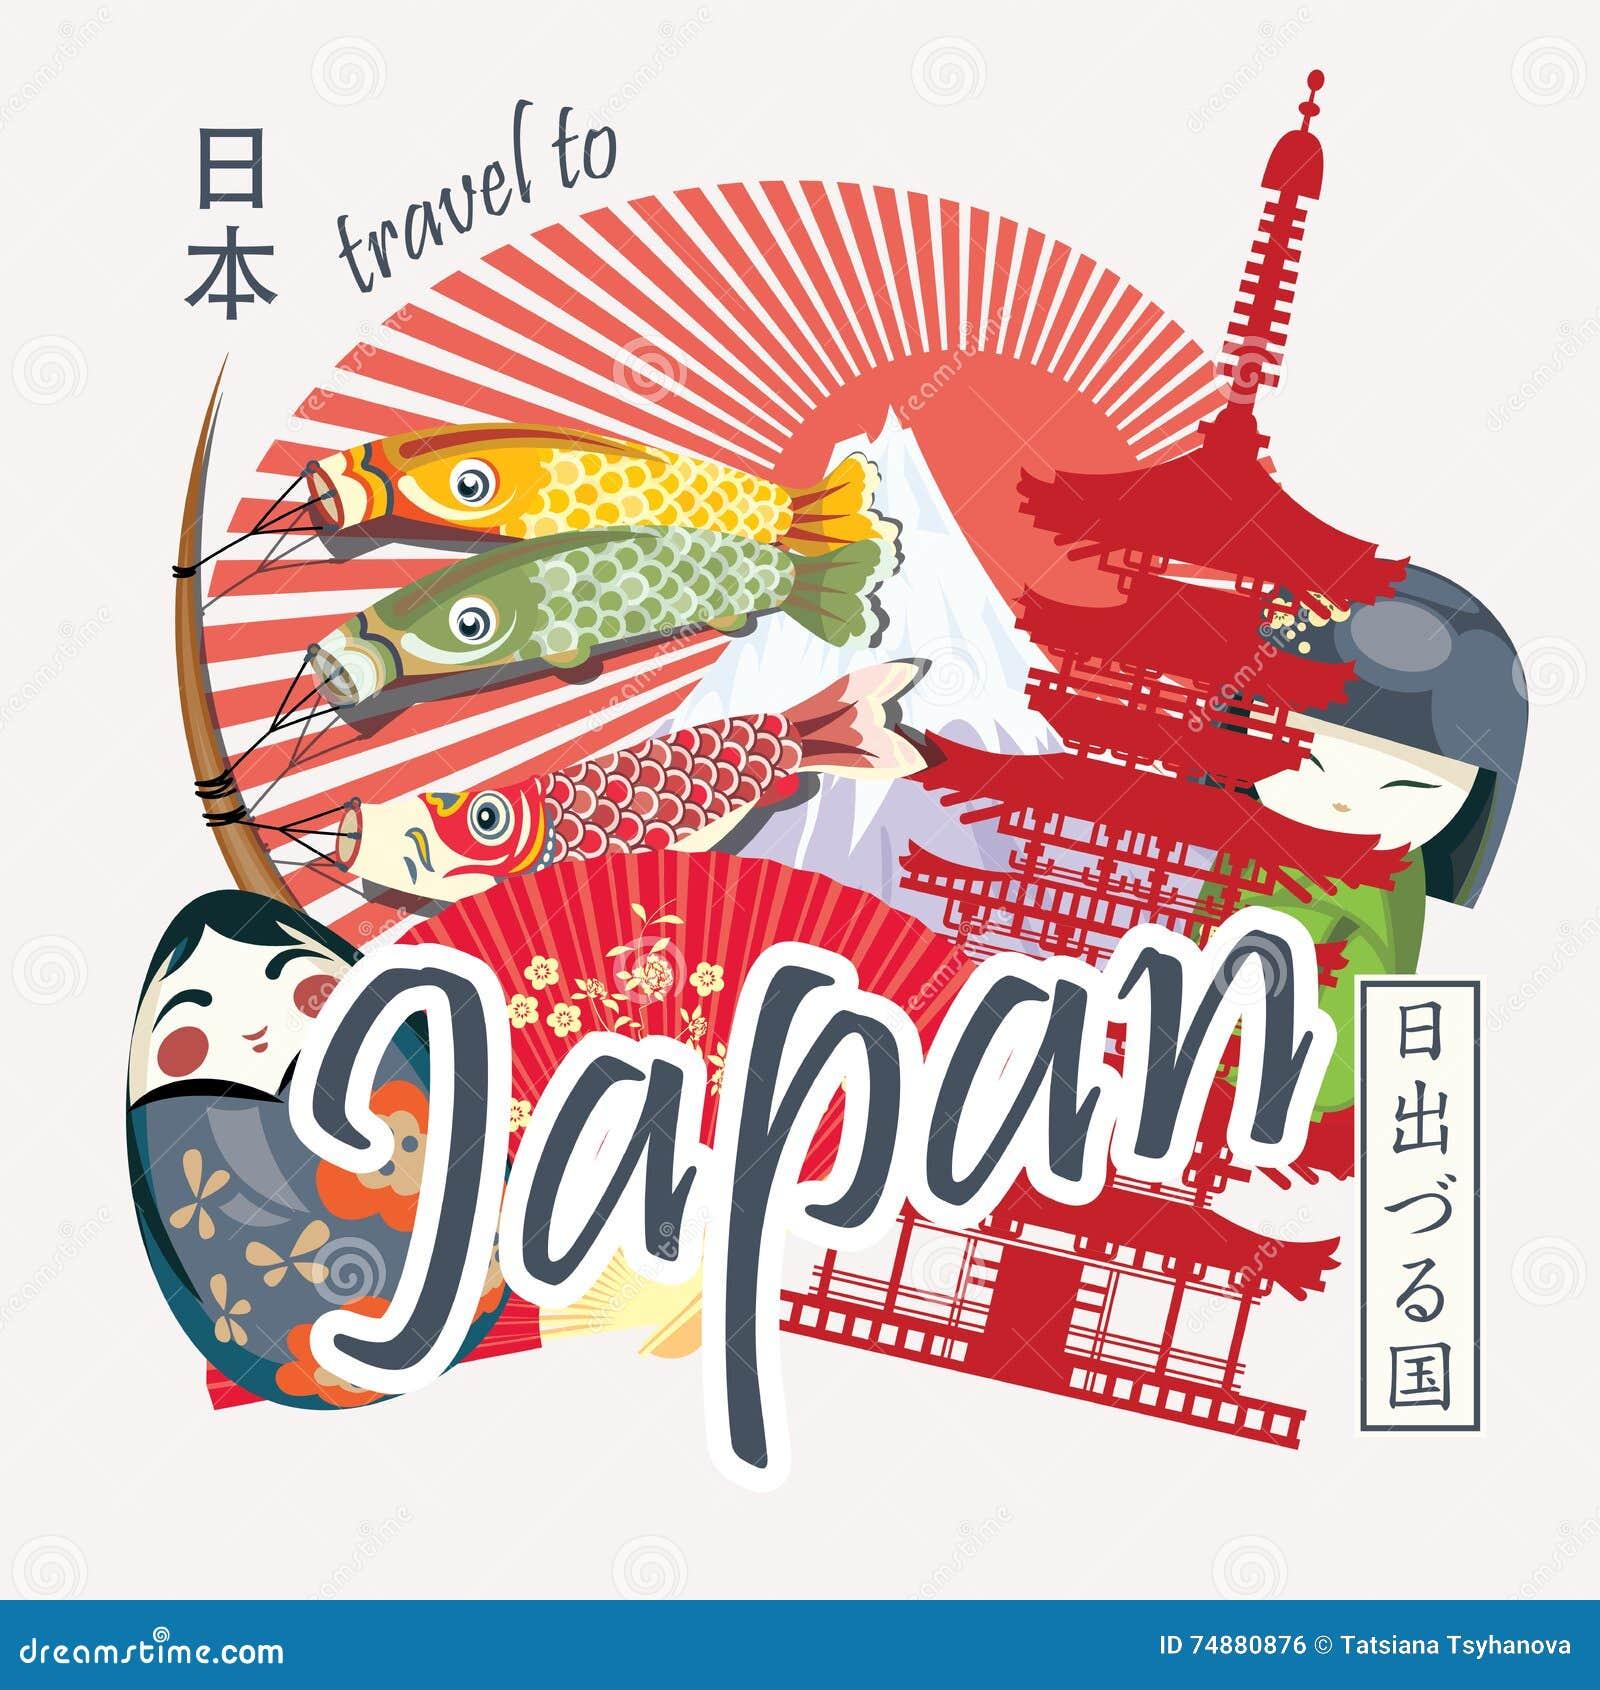 Cartaz do curso de Japão no estilo do vintage - viaje a Japão